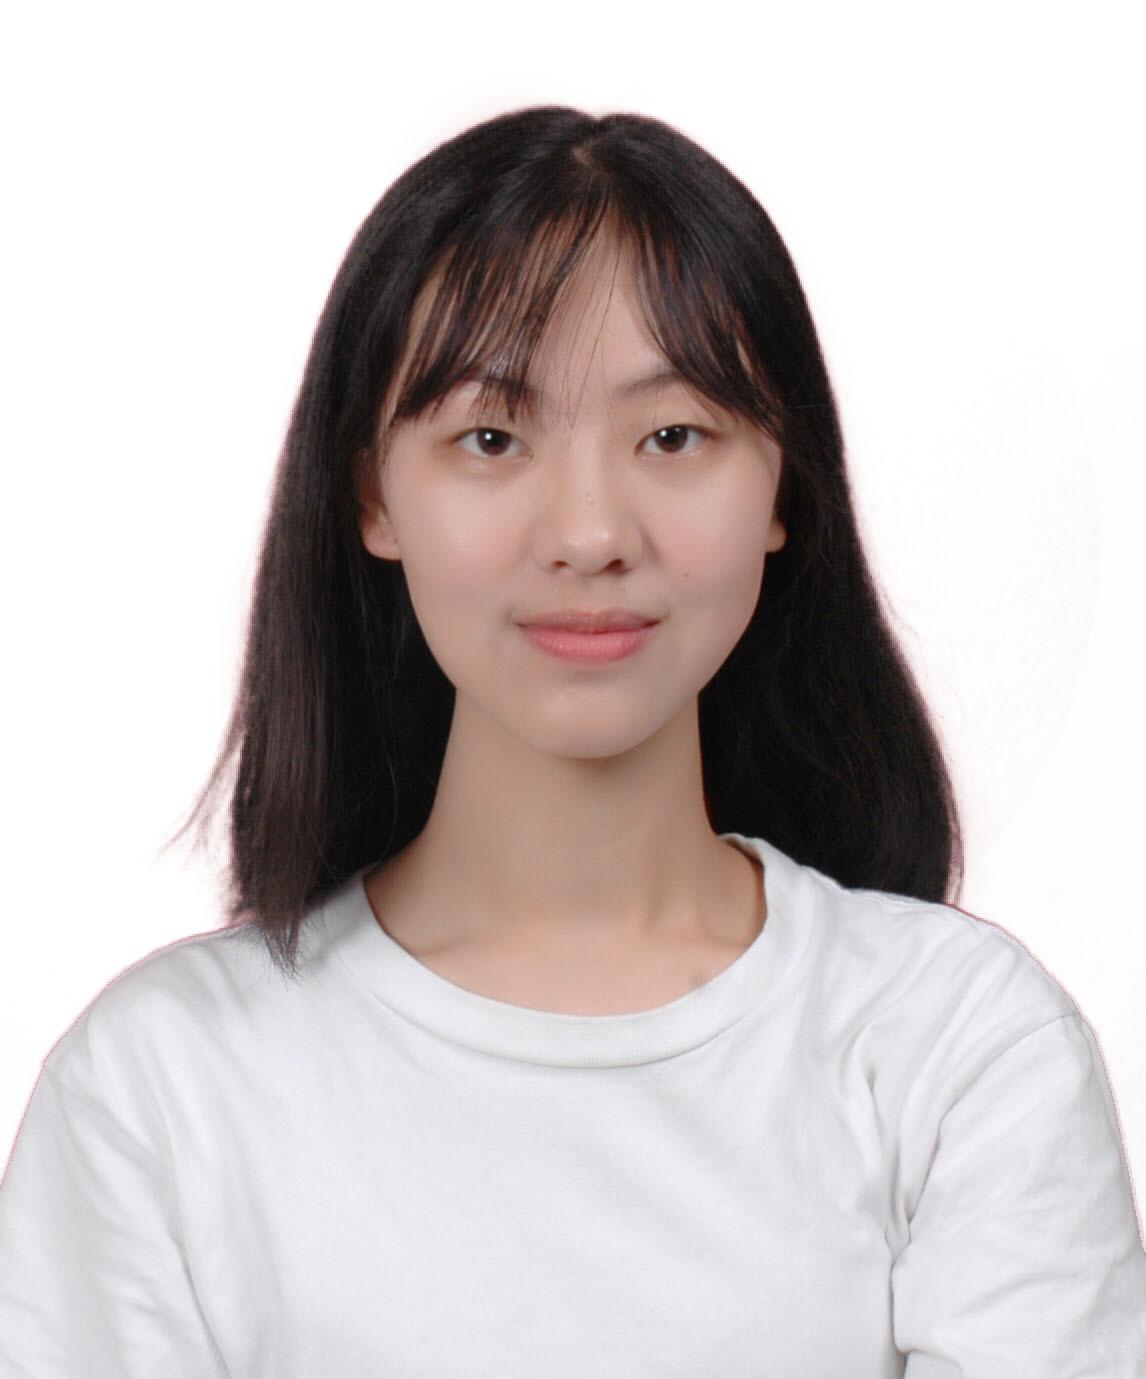 深圳家教姚教员